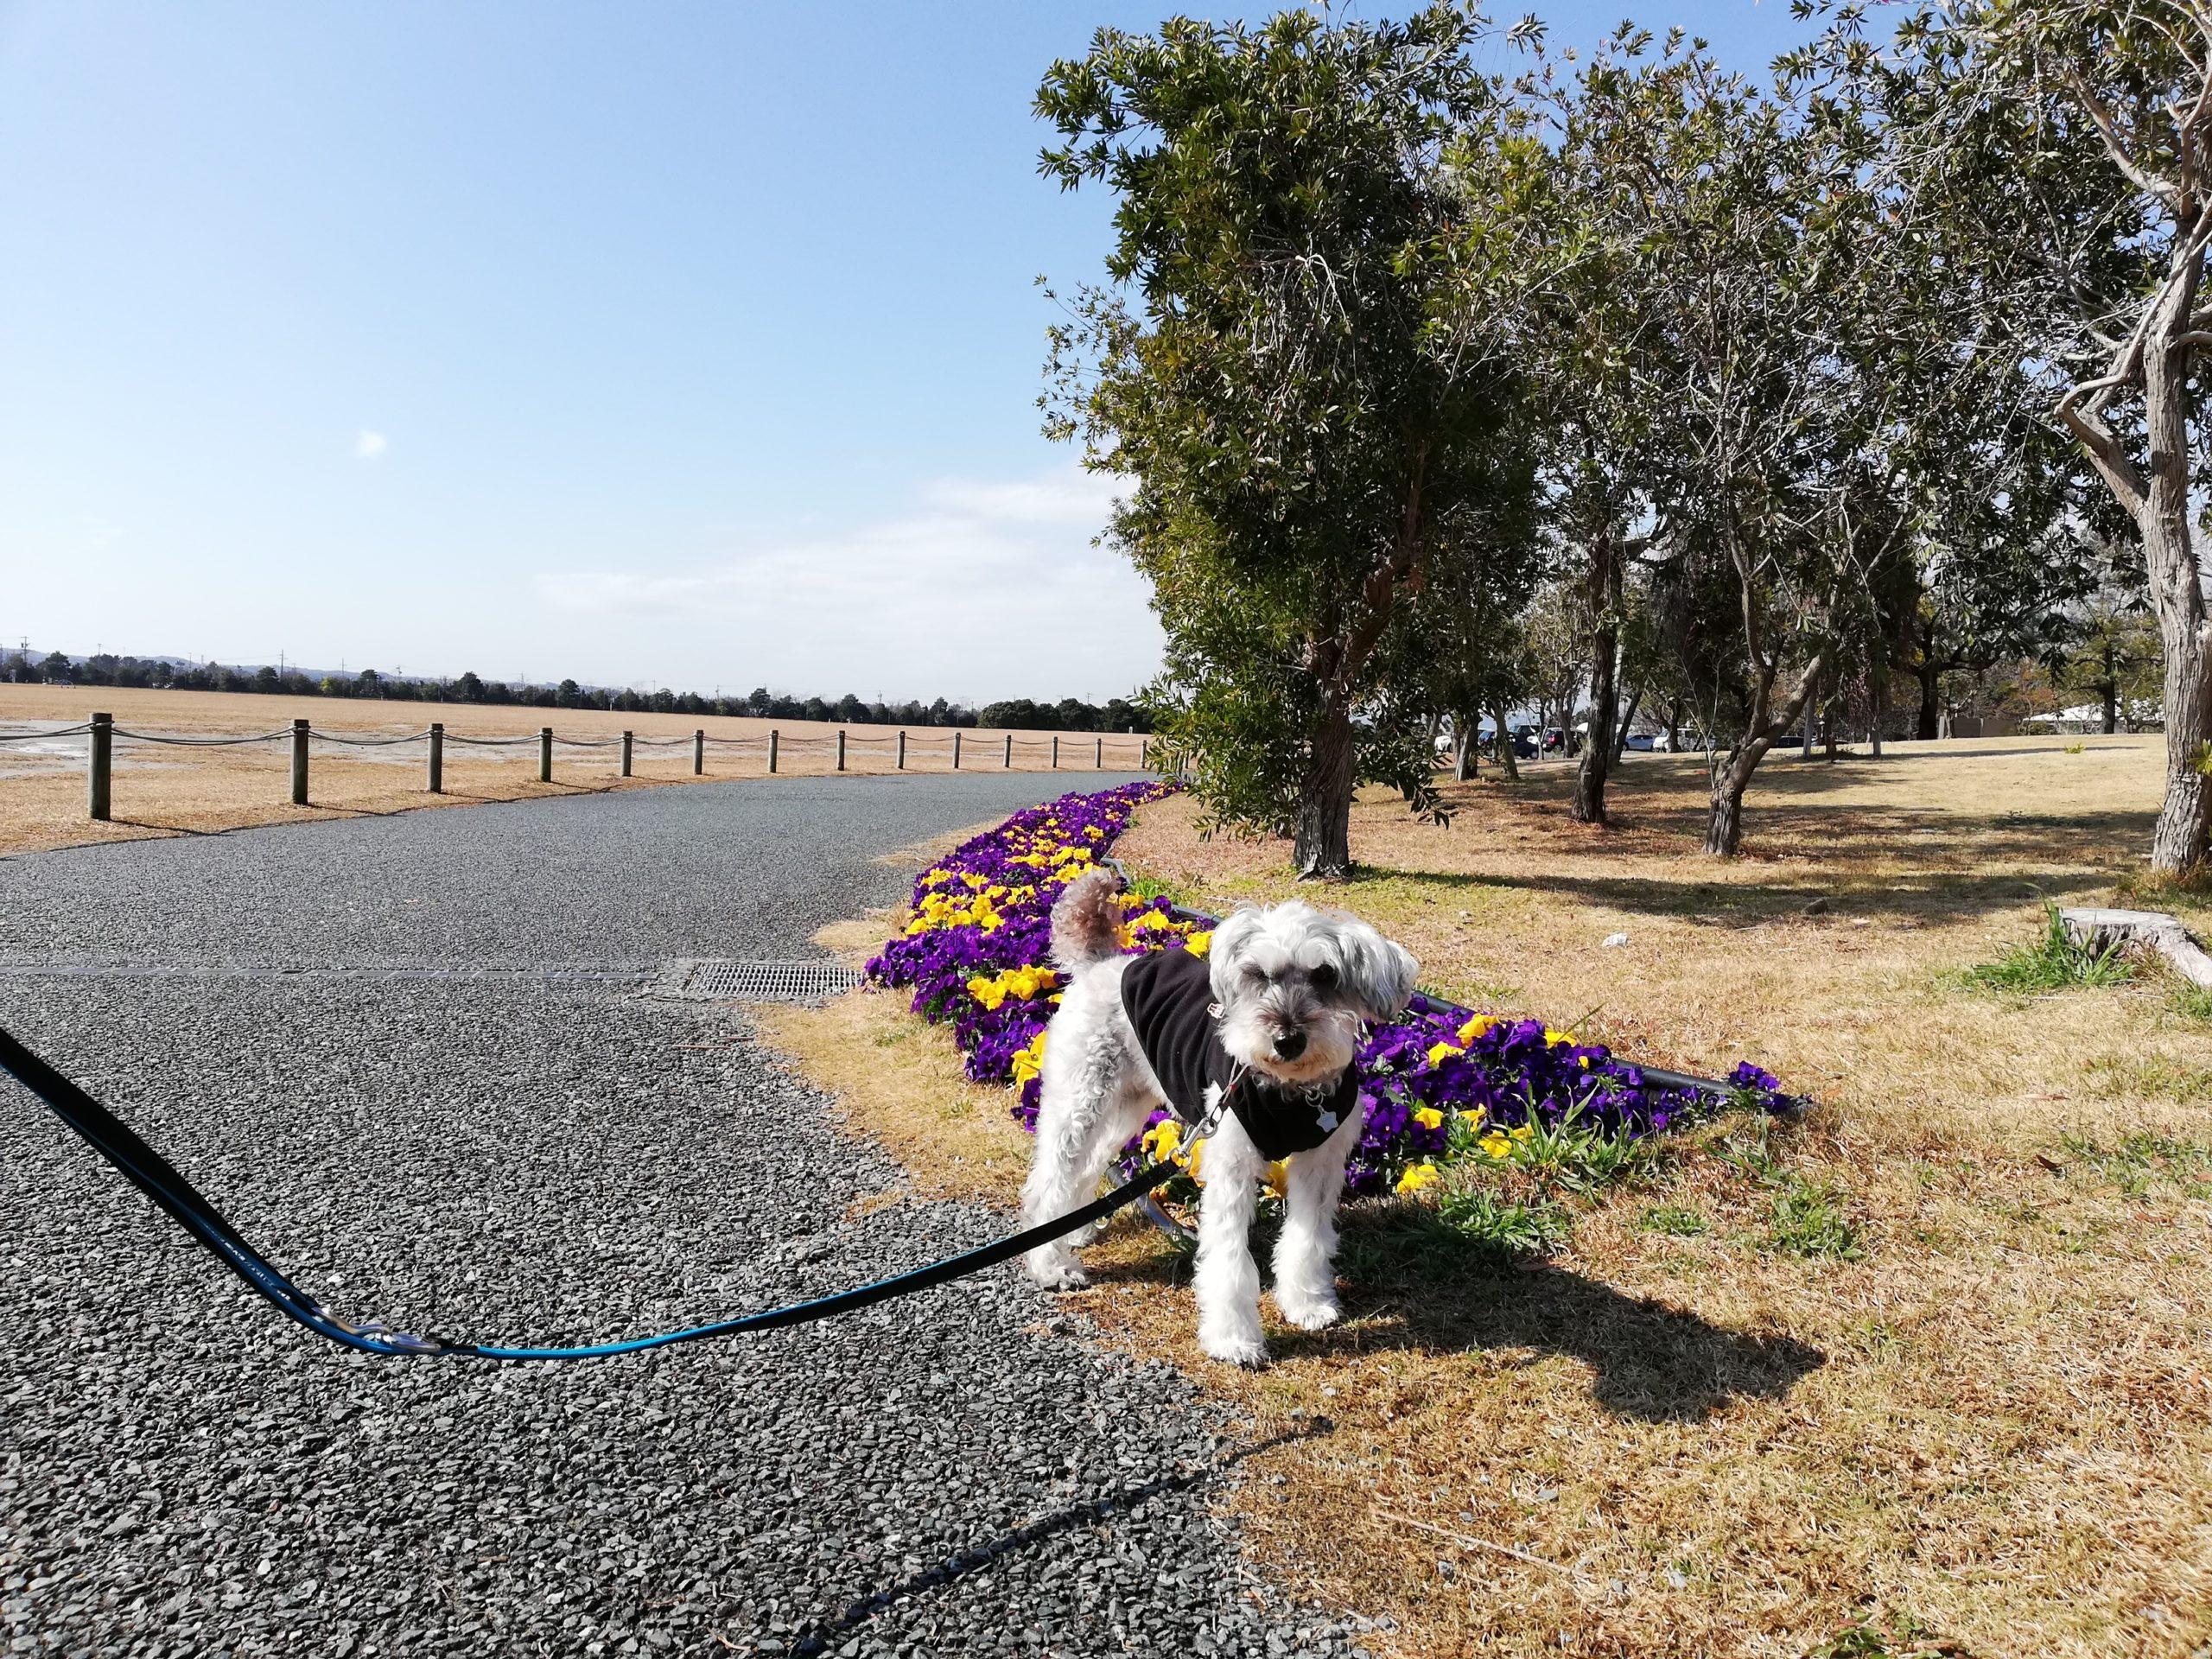 静岡県内でペットと遊ぶ 静岡県浜松市 浜名湖ガーデンパーク ワンコと一緒に撮影